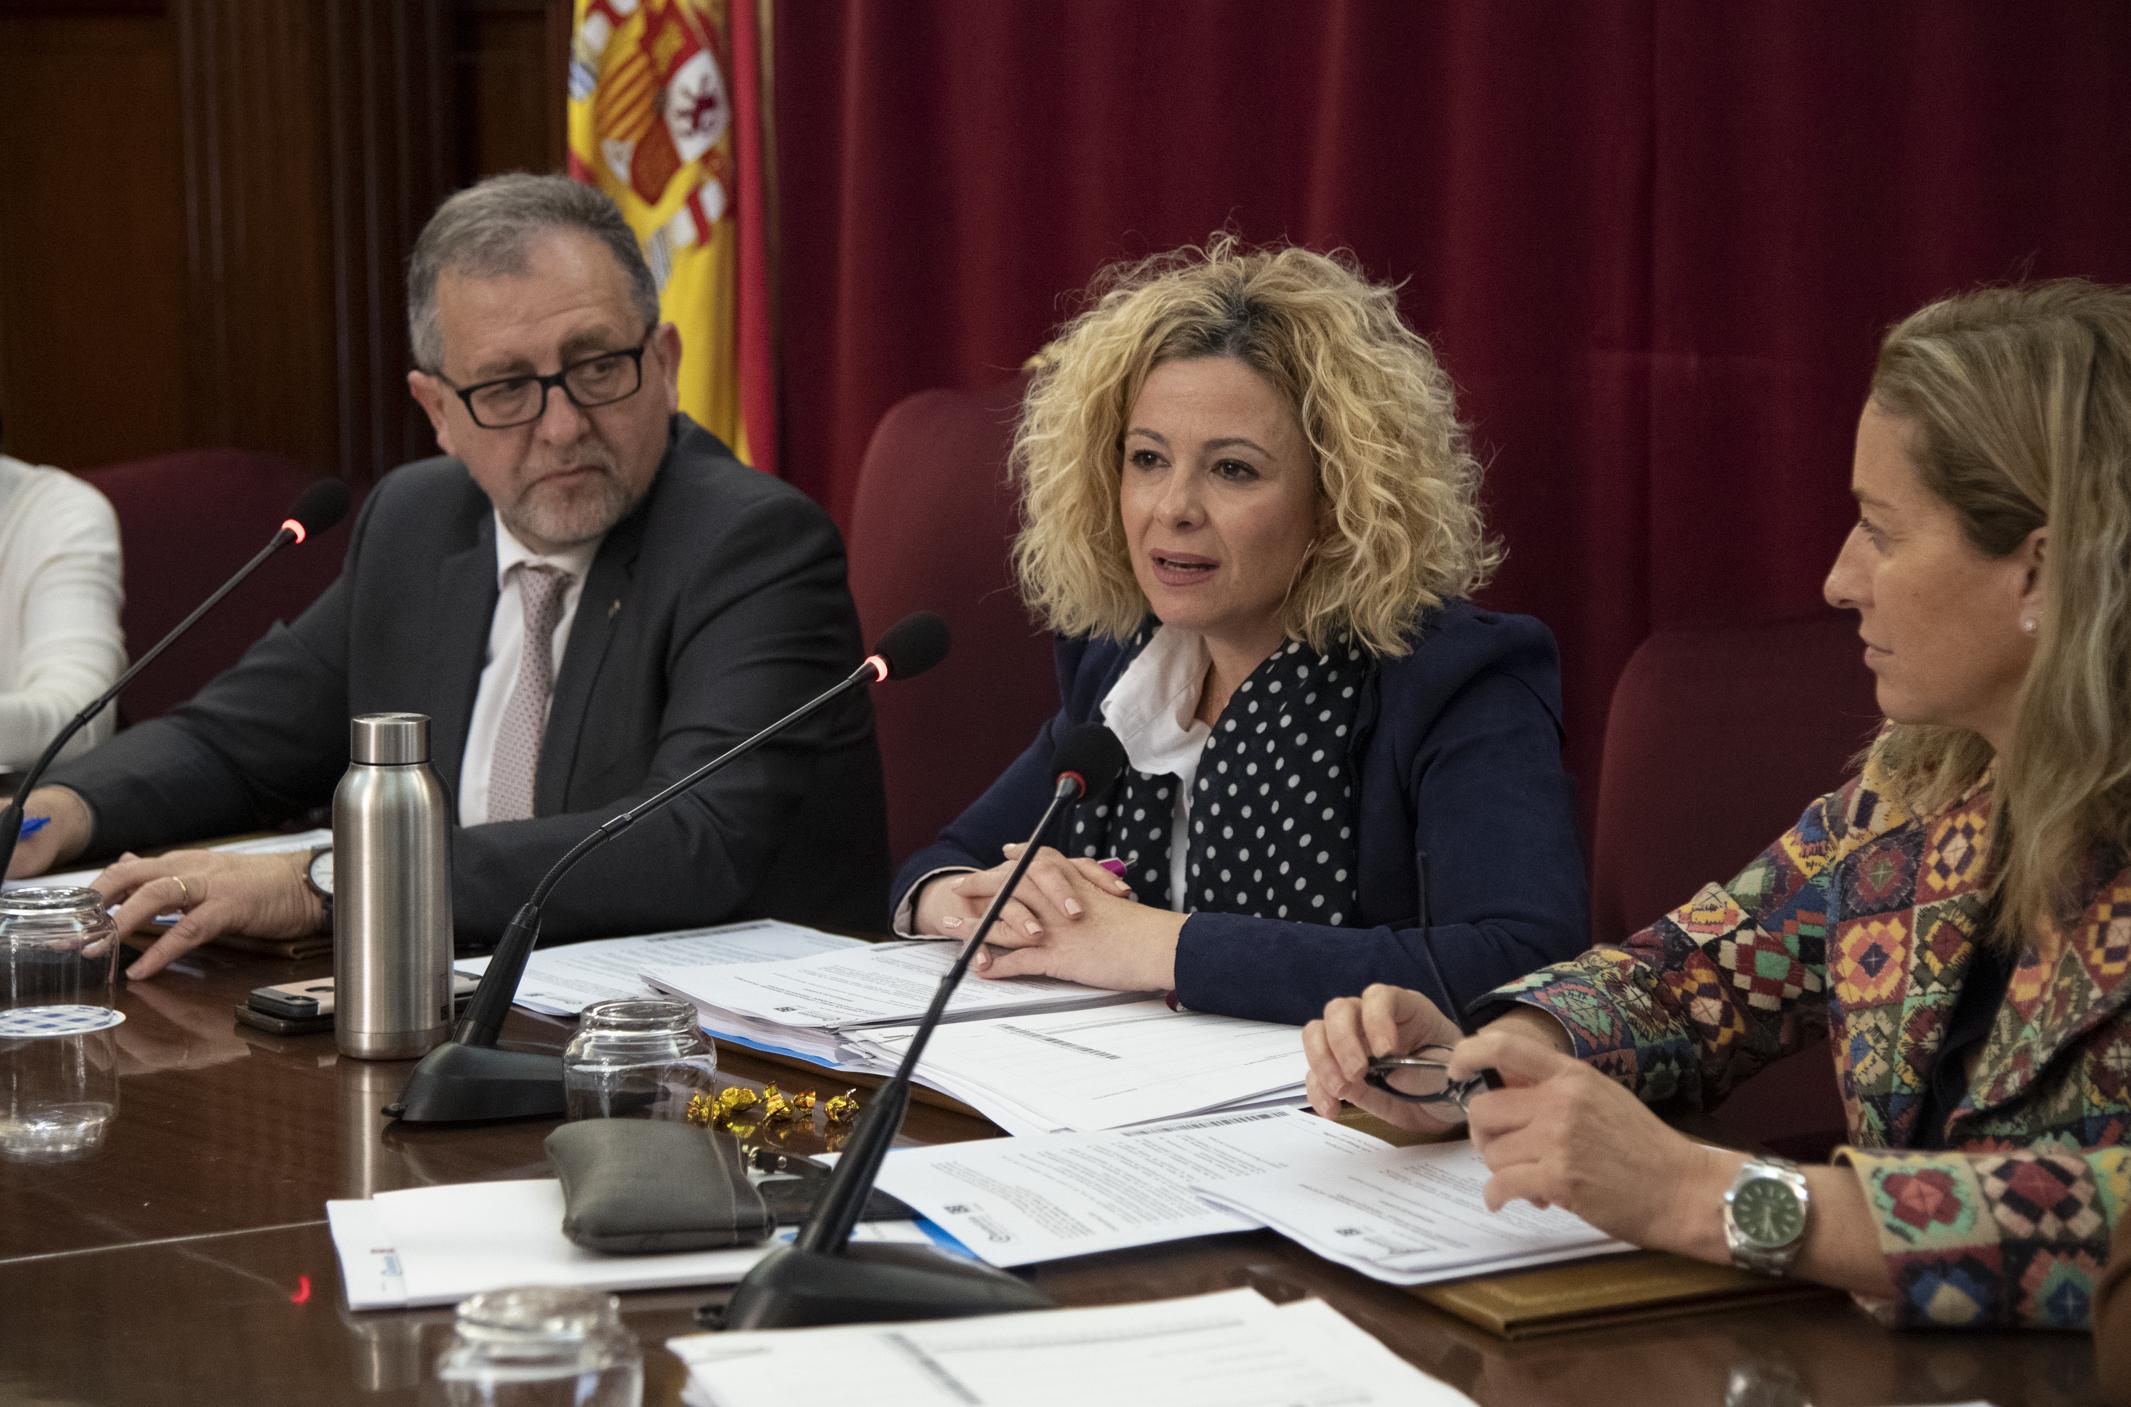 La Diputación de Castellón amplía 'sine die' el periodo de inscripciones de 'Castellón Senior' hasta cubrir todas las plazas